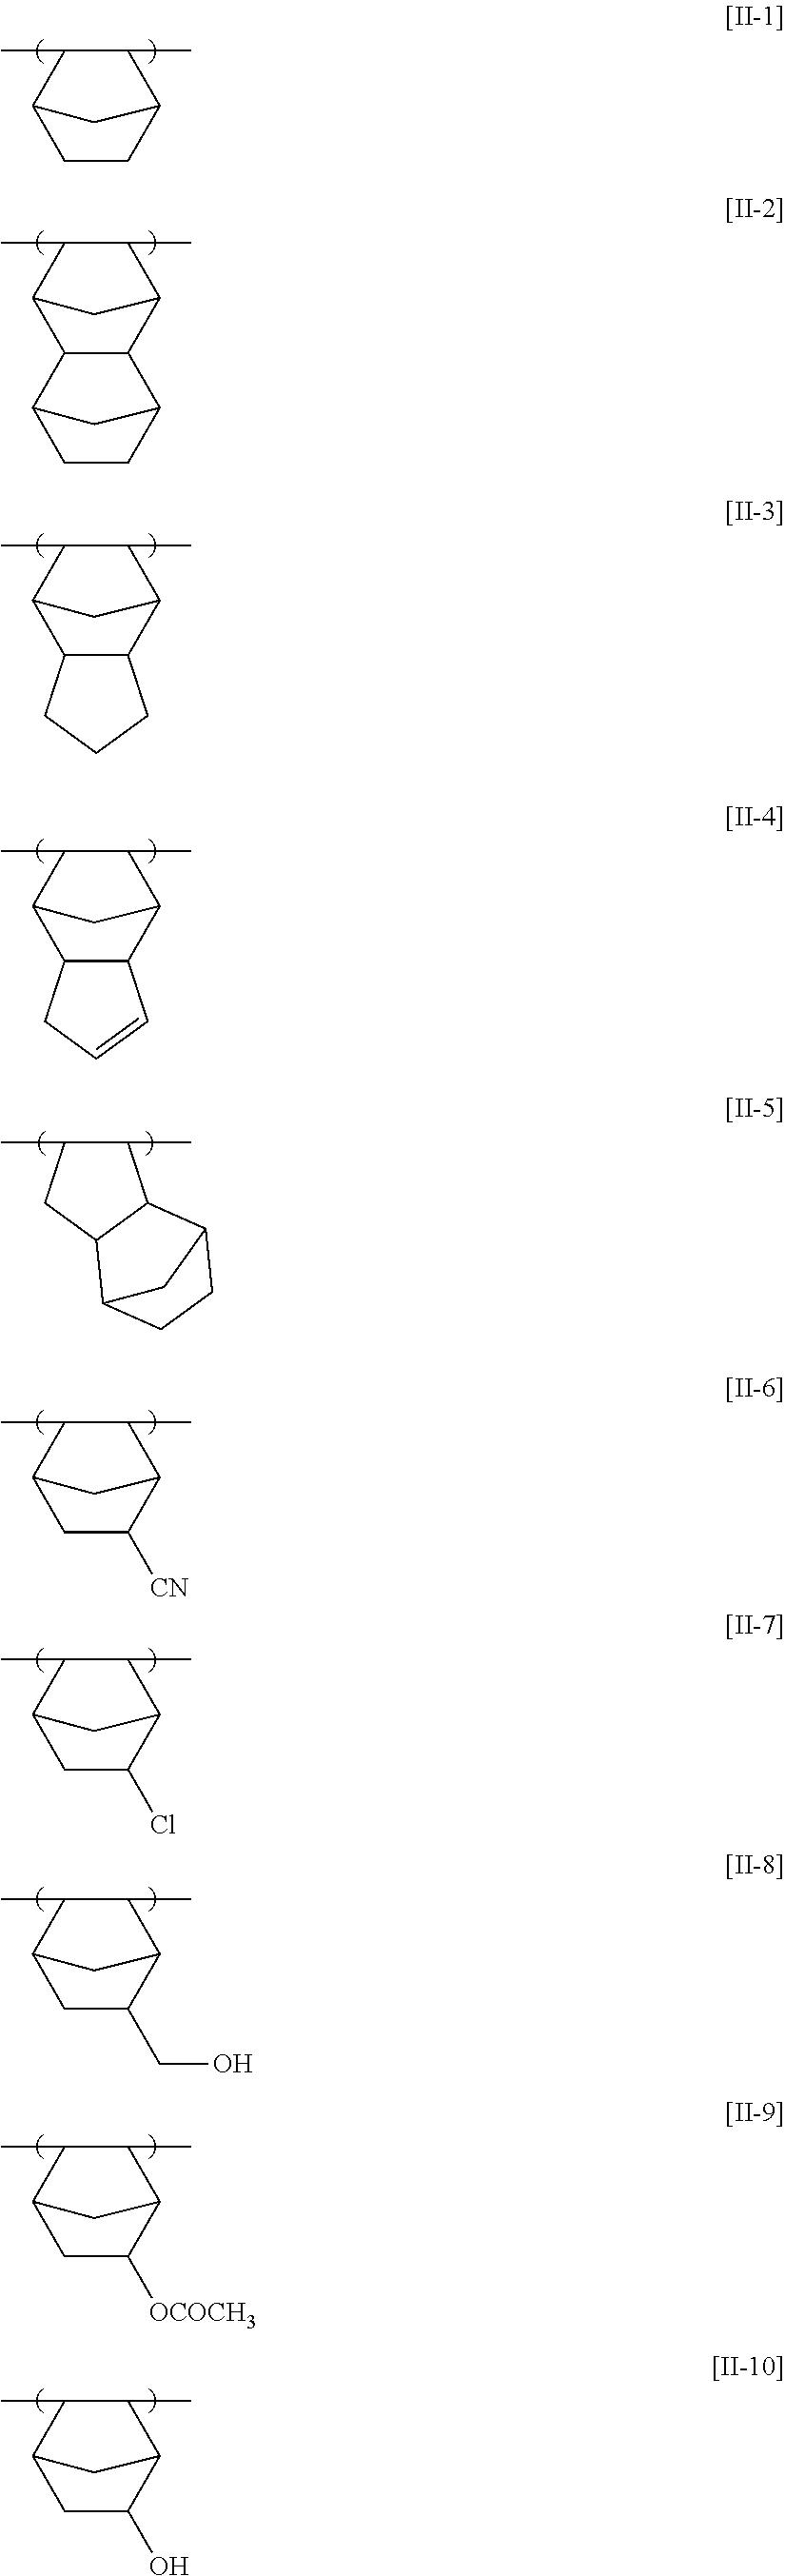 Figure US08476001-20130702-C00019